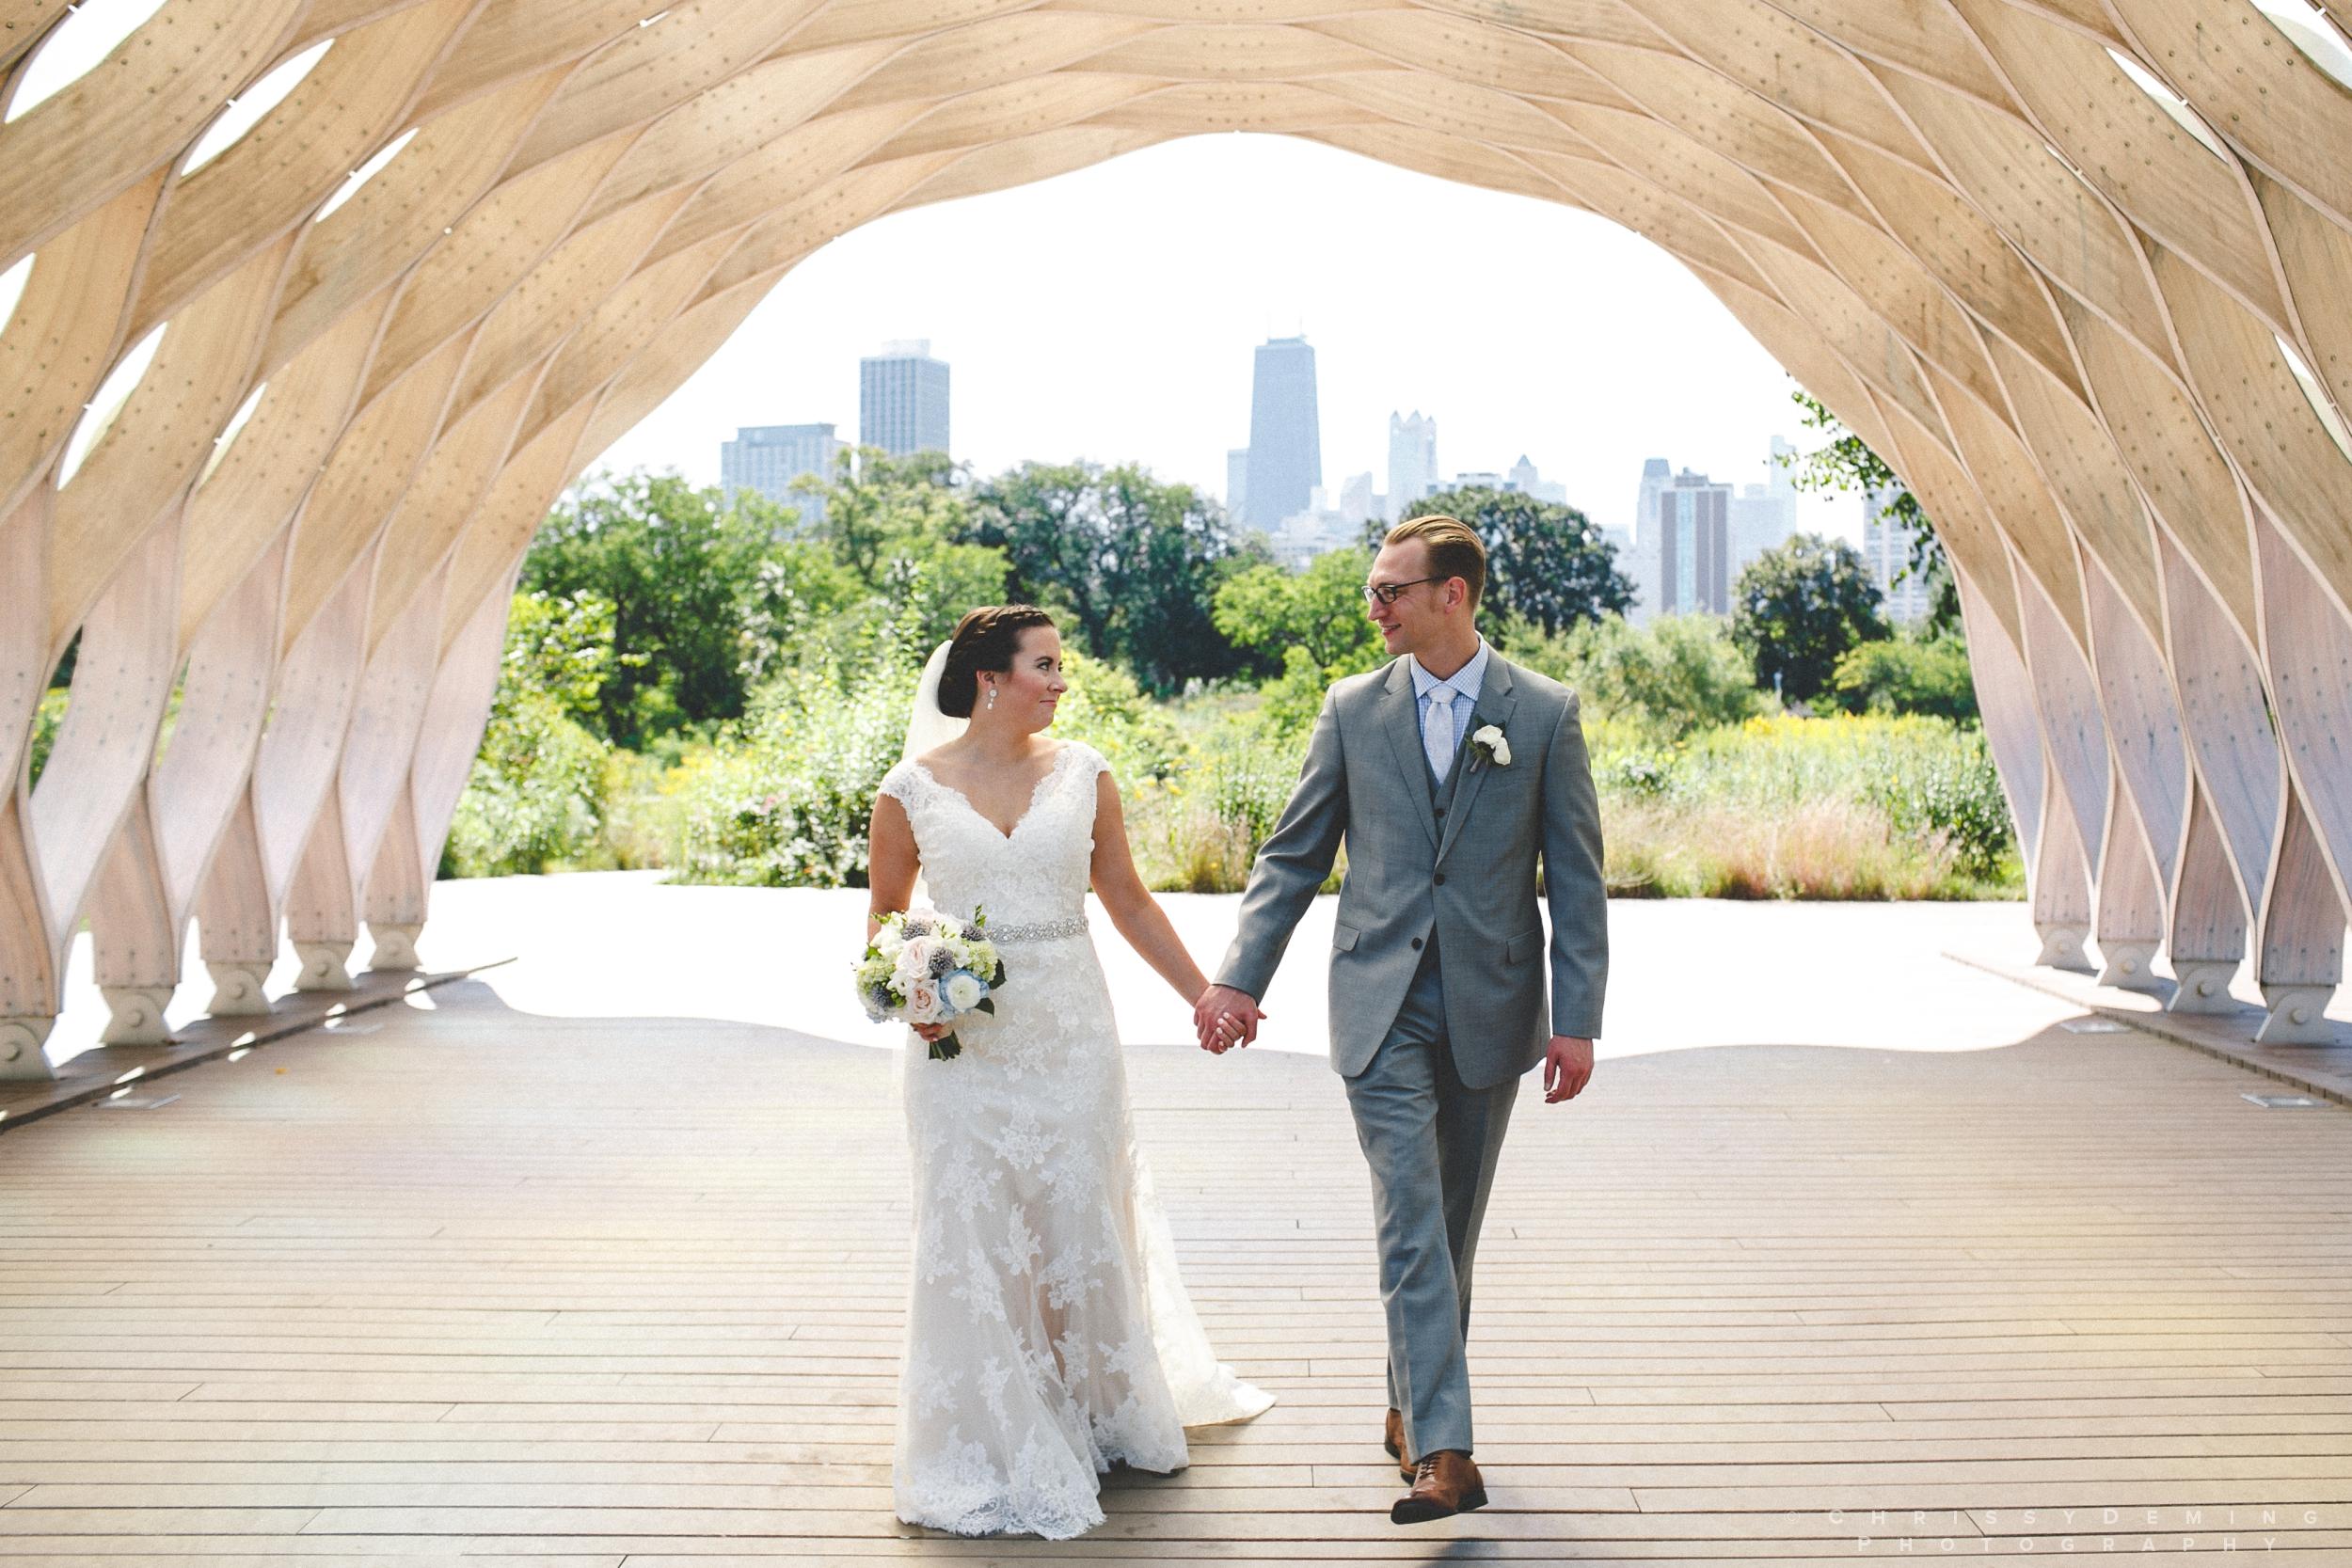 salvatores_chicago_ wedding_photographer_0032.jpg